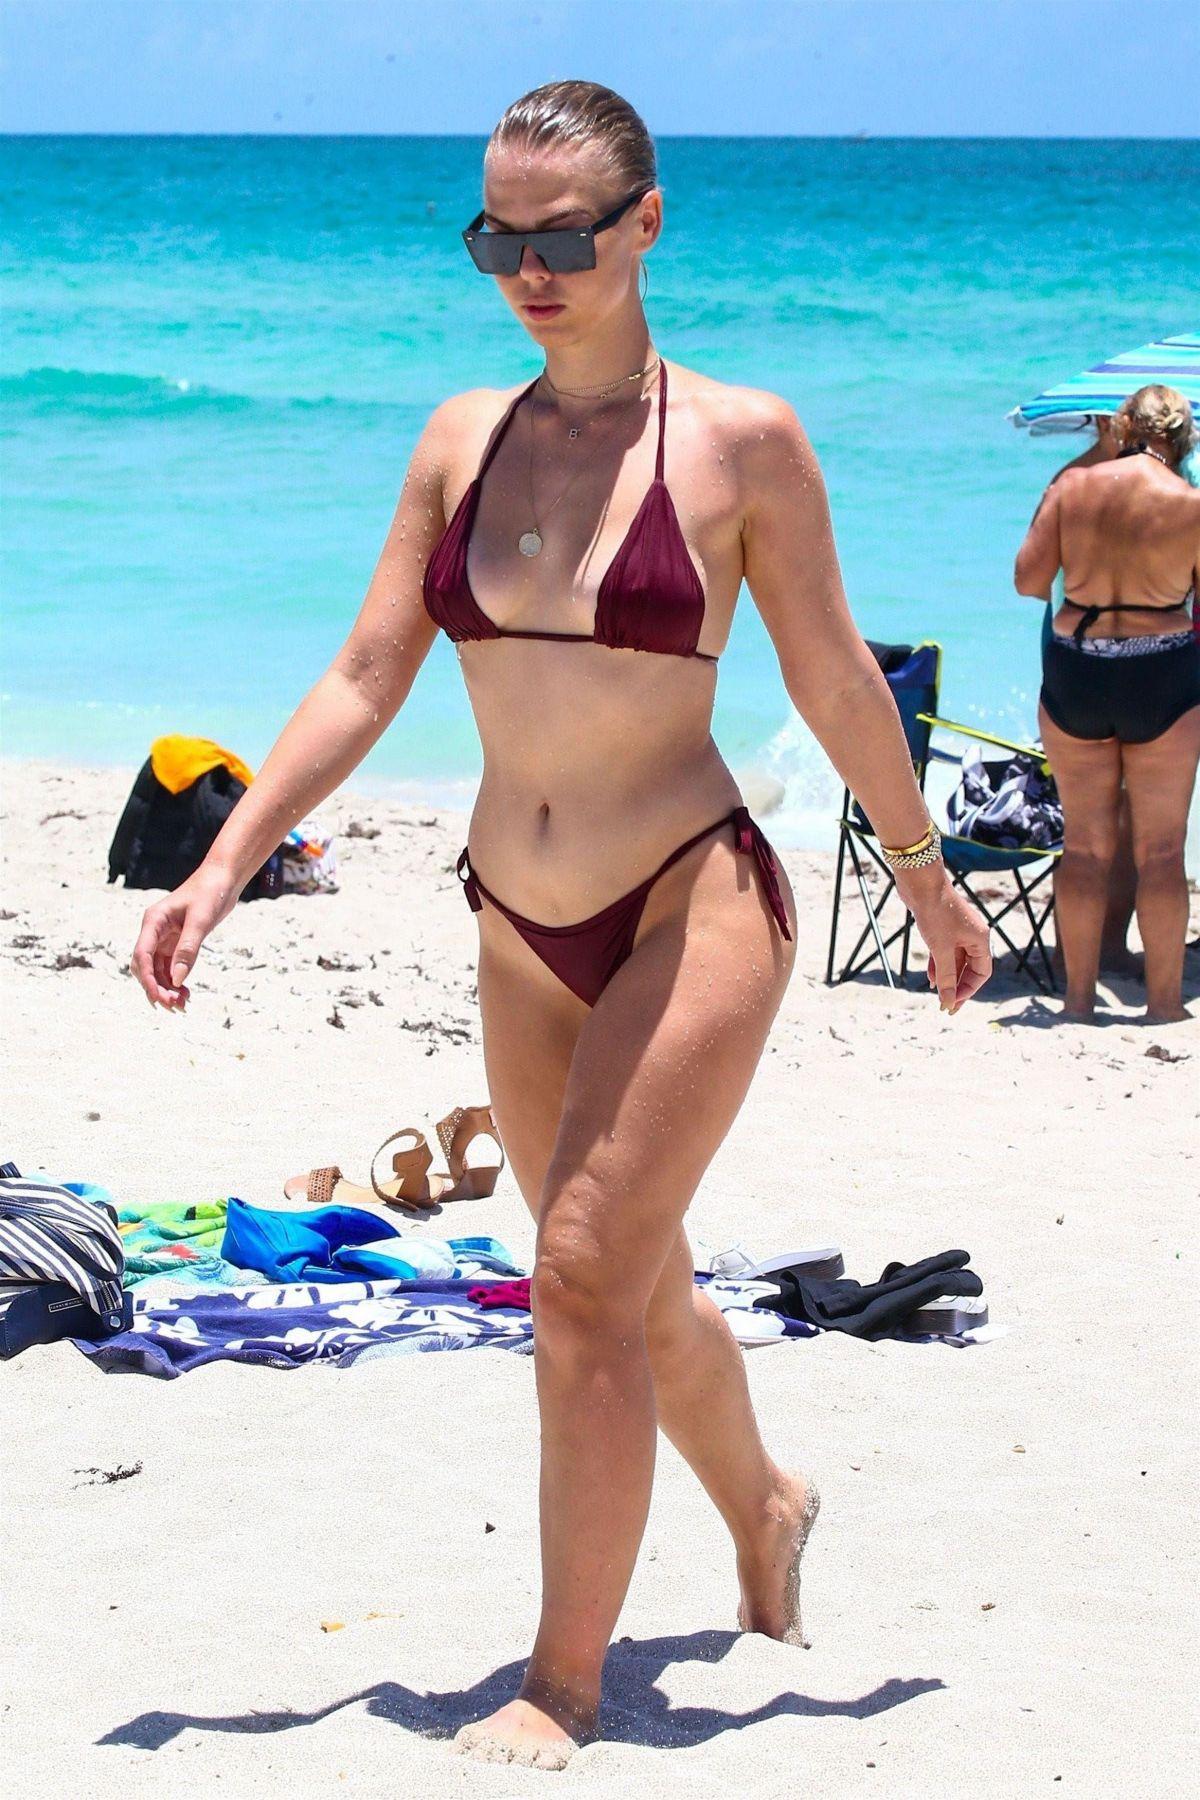 swimsuit Photos Bianca Elouise naked photo 2017